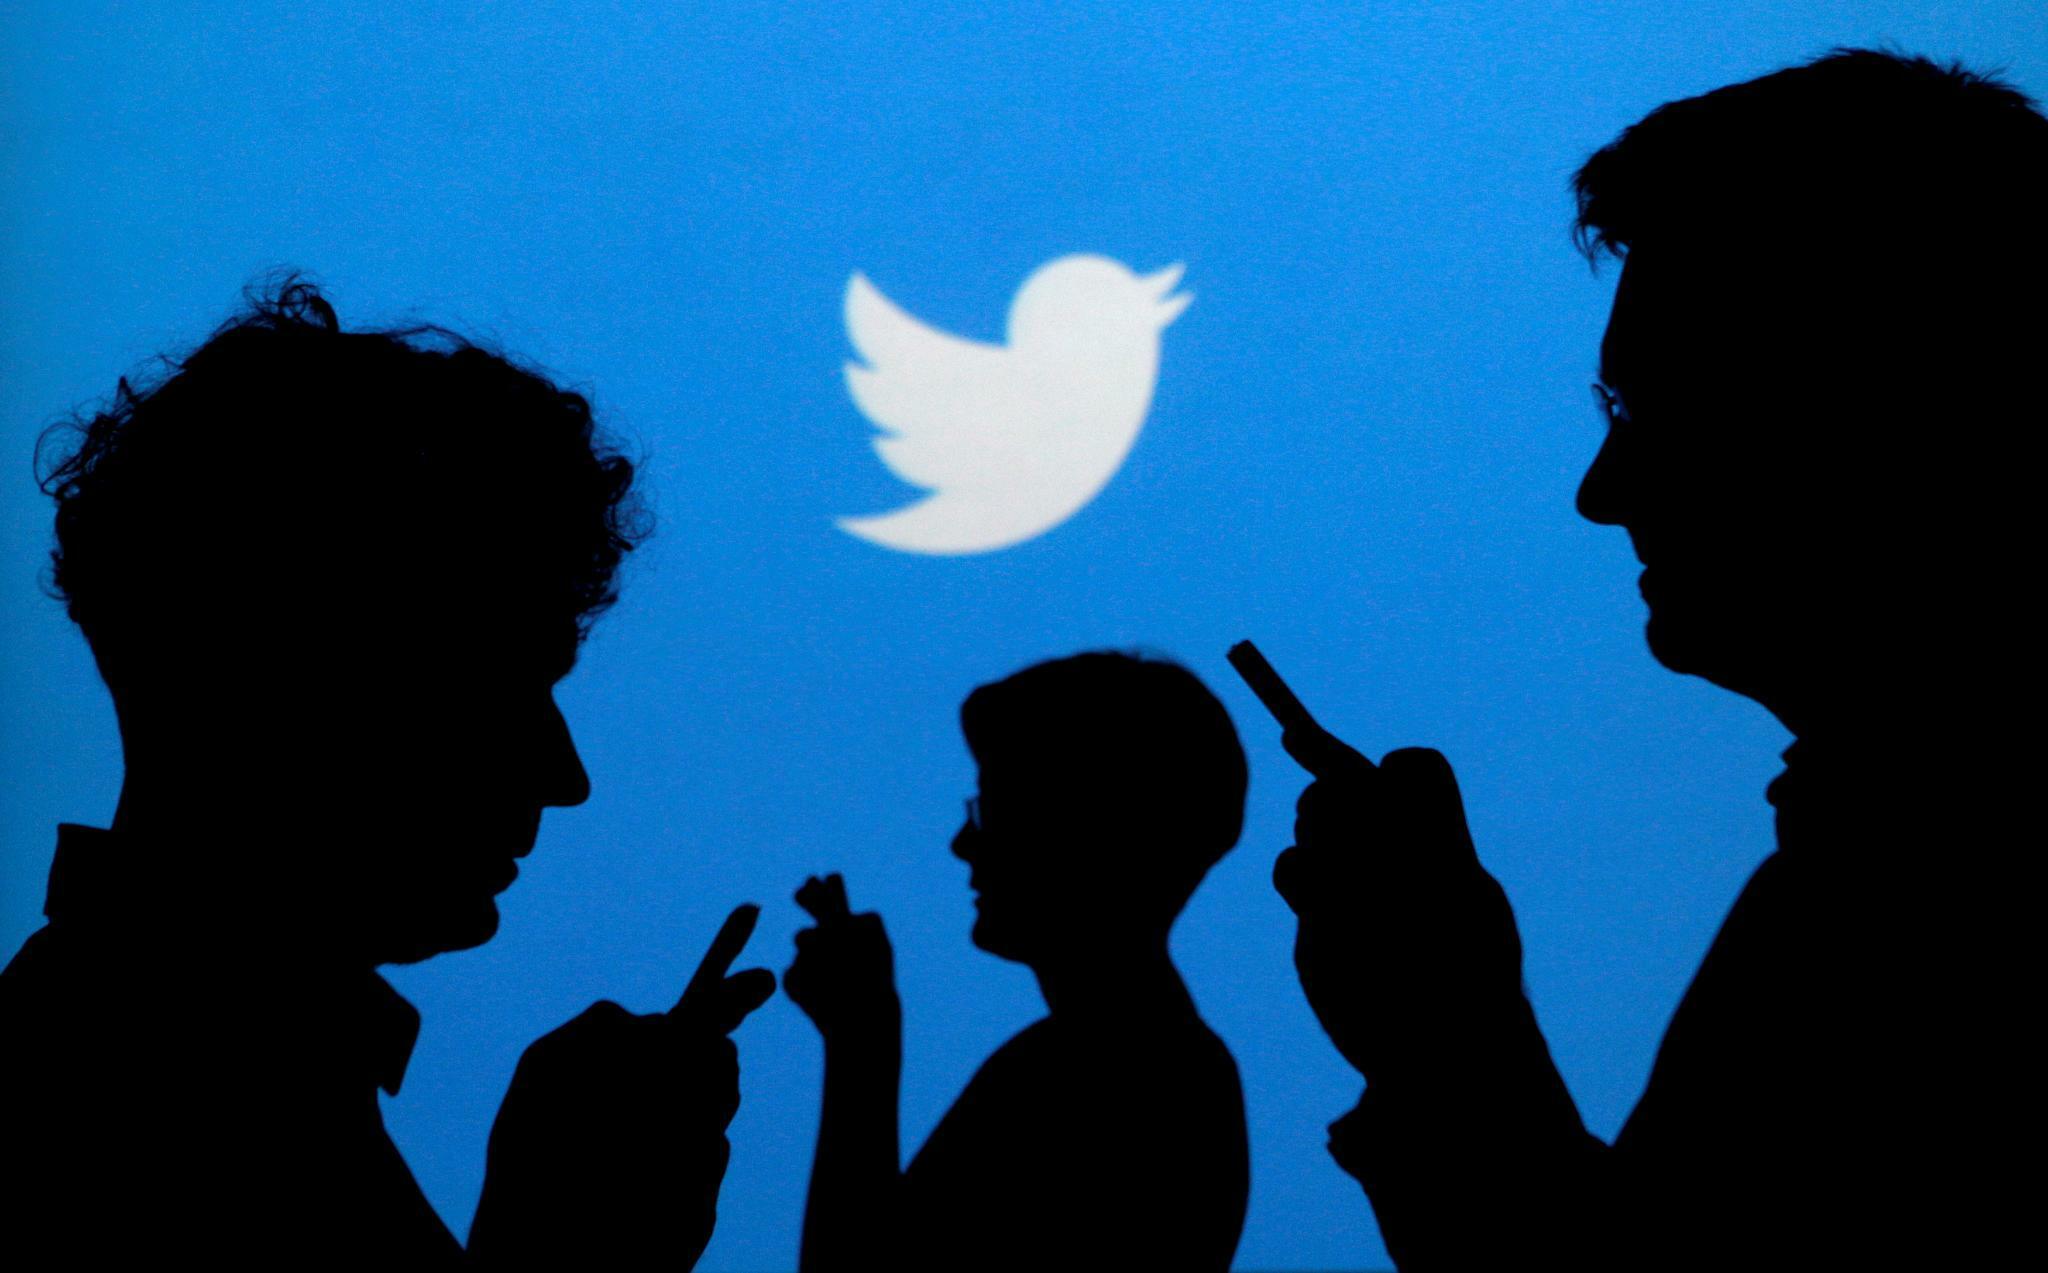 Medien: Twitter begrenzt gezielte Verbreitung von Tweets zu sozialen Themen